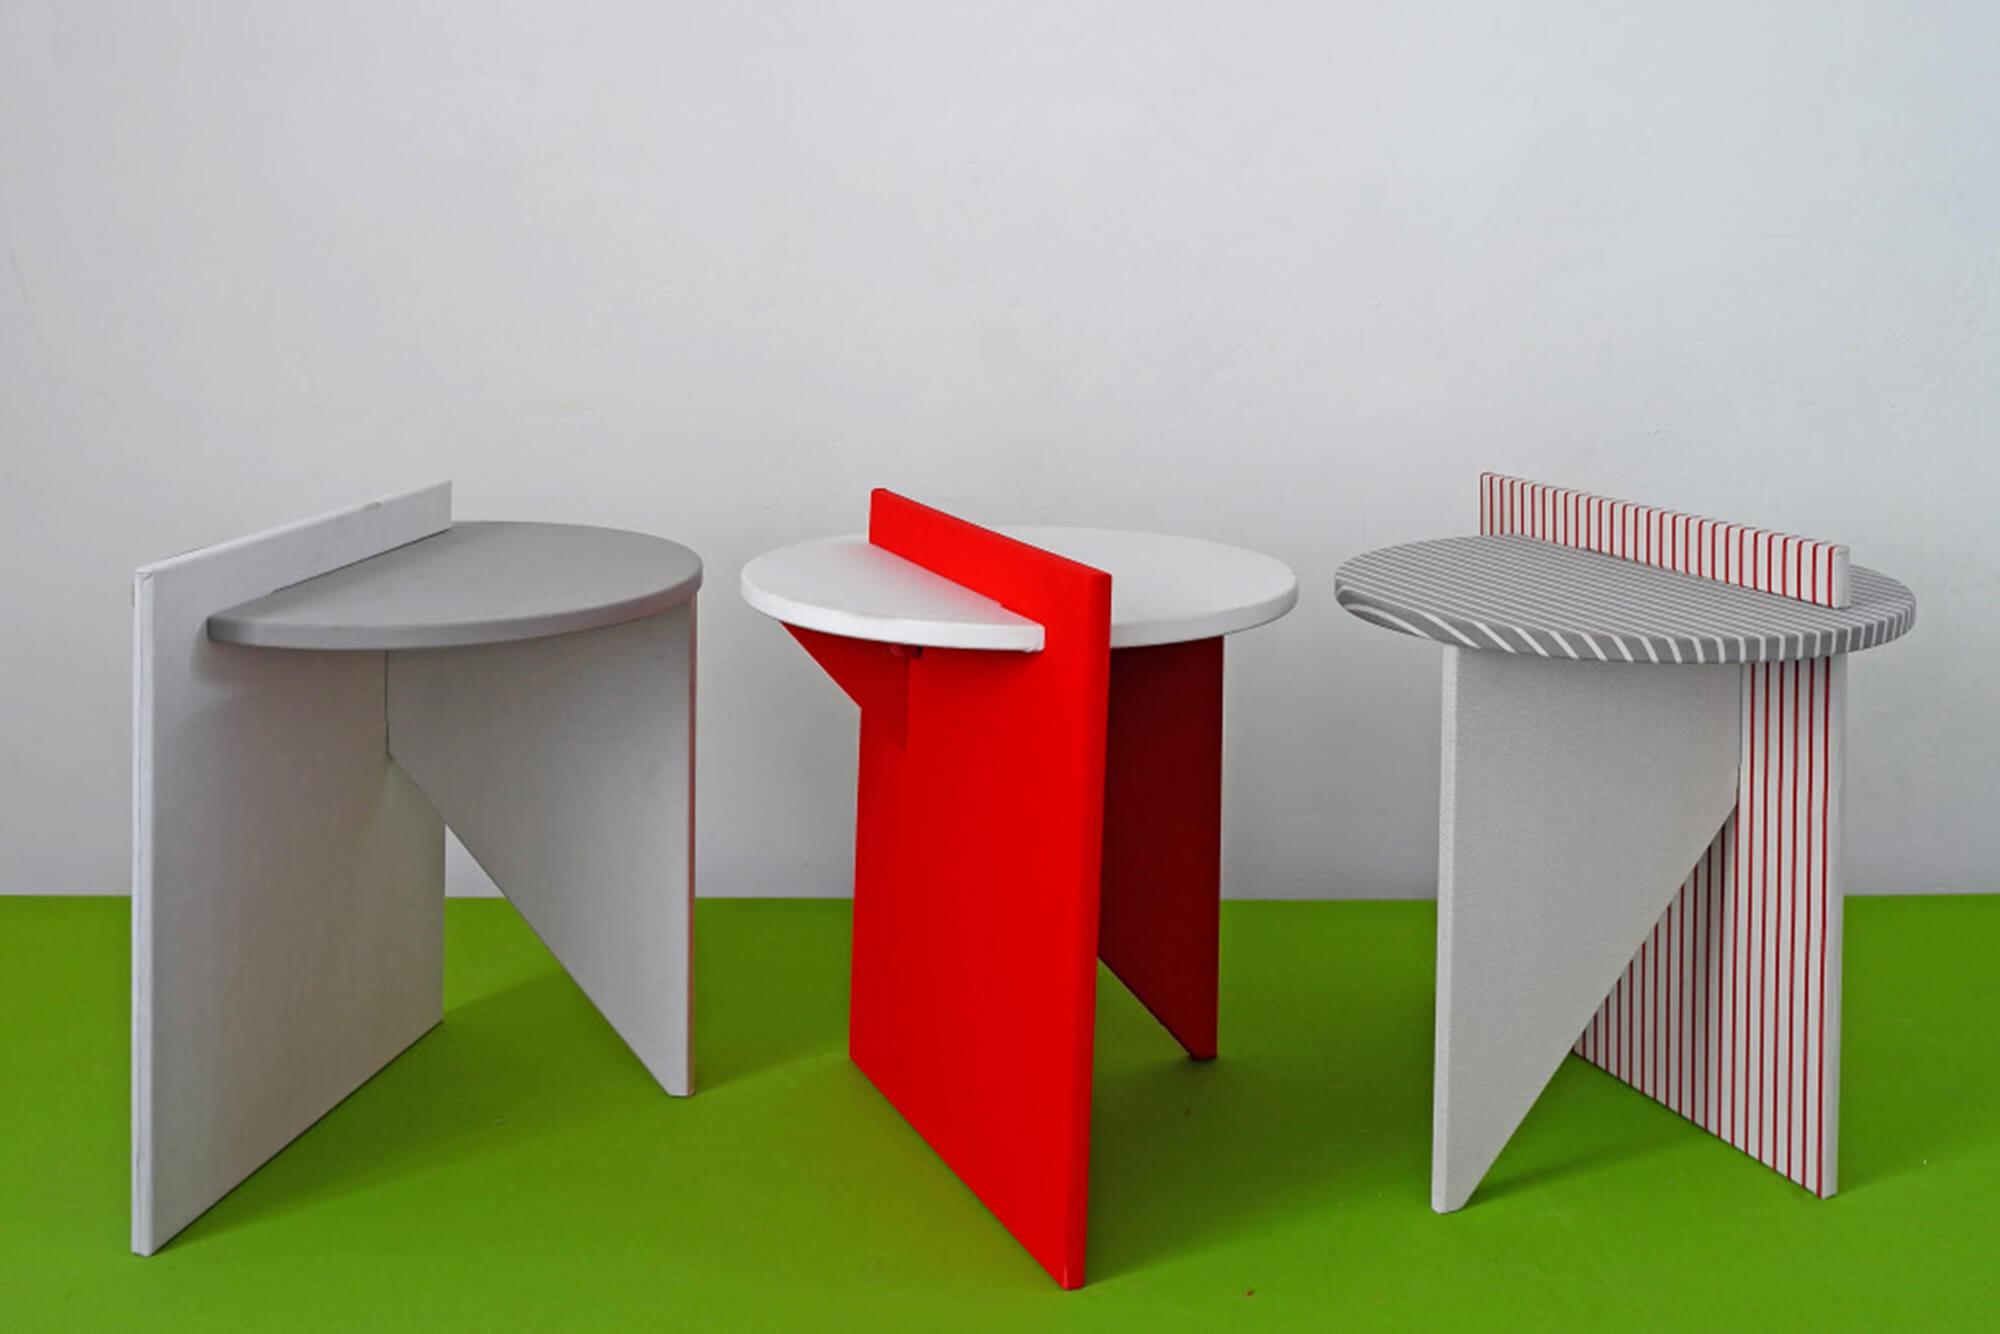 โต๊ะข้างสีแดงและขาว โดย Atelier Lavit